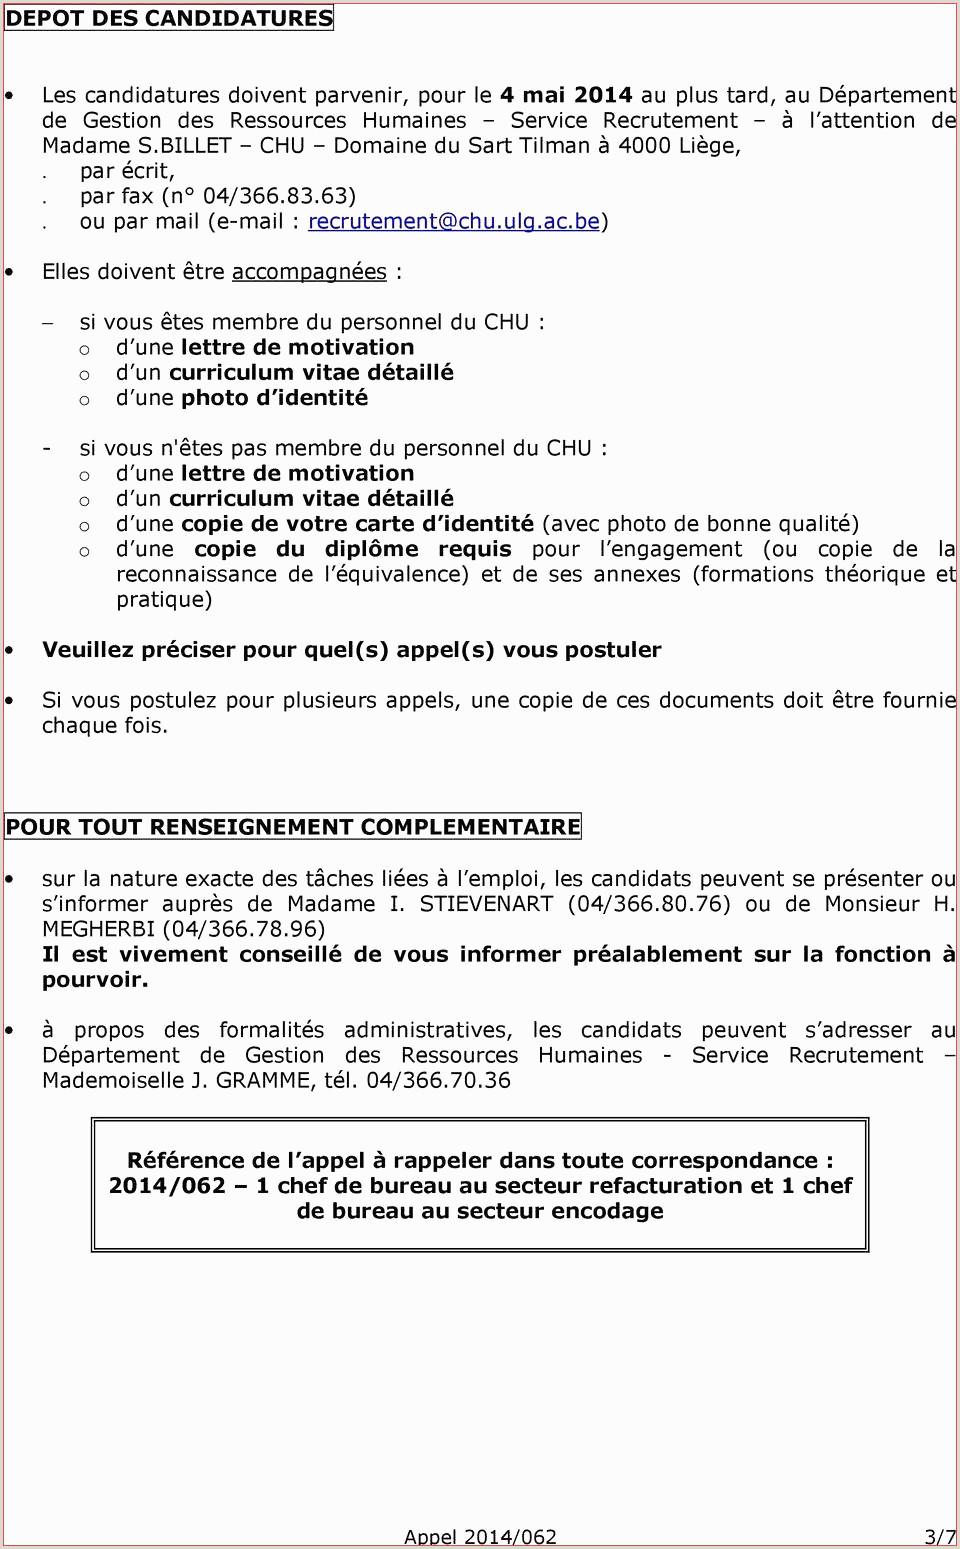 Exemple De Cv Operateur De Production Lettre Motivation Agent Immobilier Cv Agent Immobilier Pdf